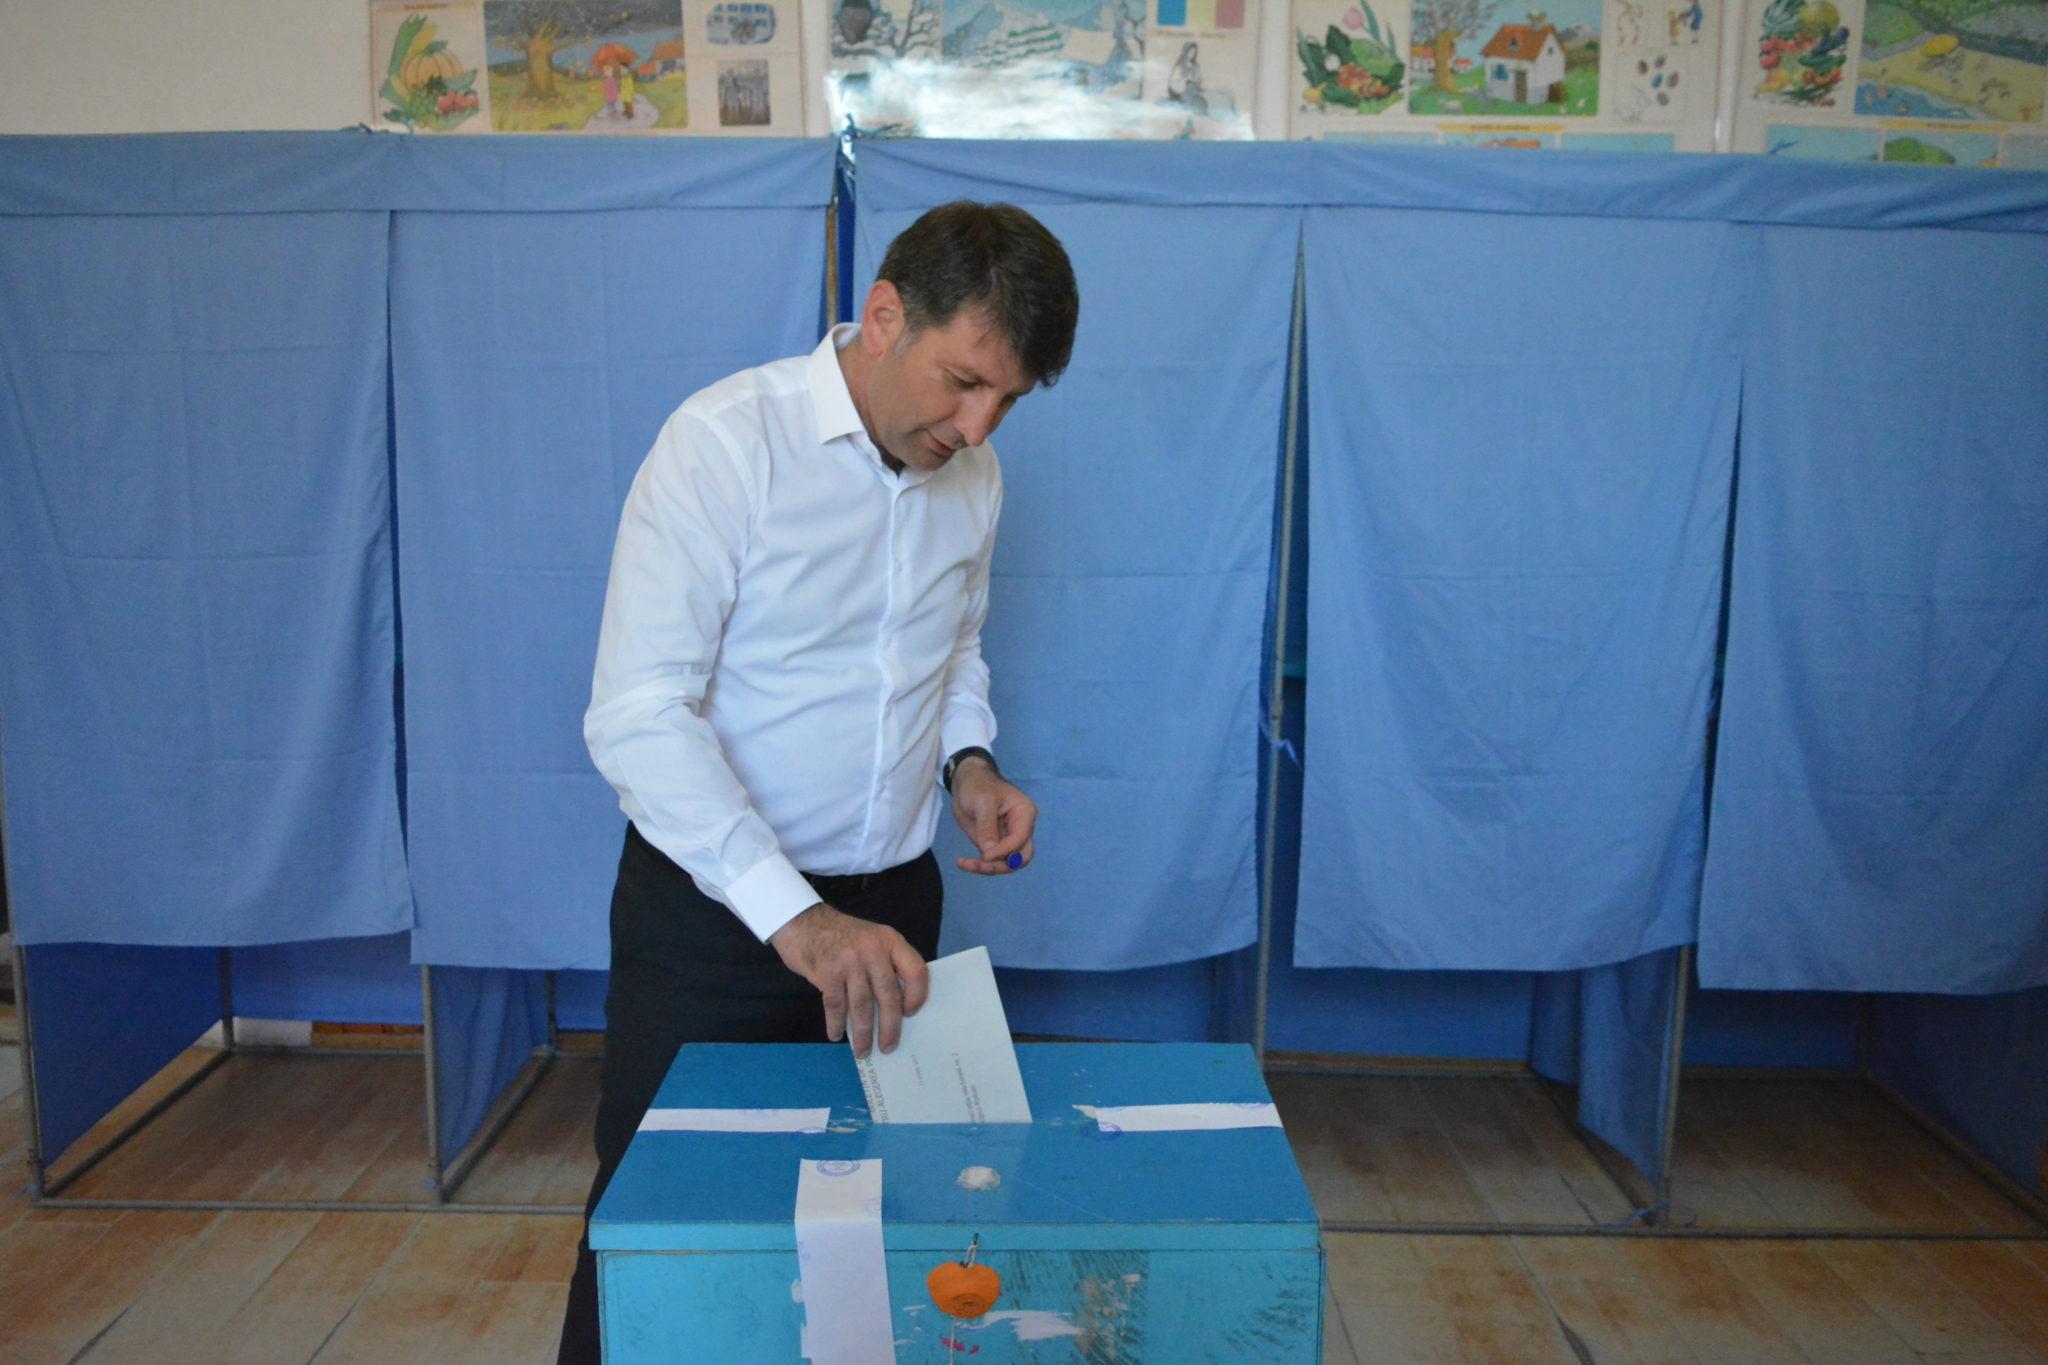 """Alegeri locale la Roman. Lucian Micu: """"Am votat pentru continuarea dezvoltării municipiului Roman"""""""